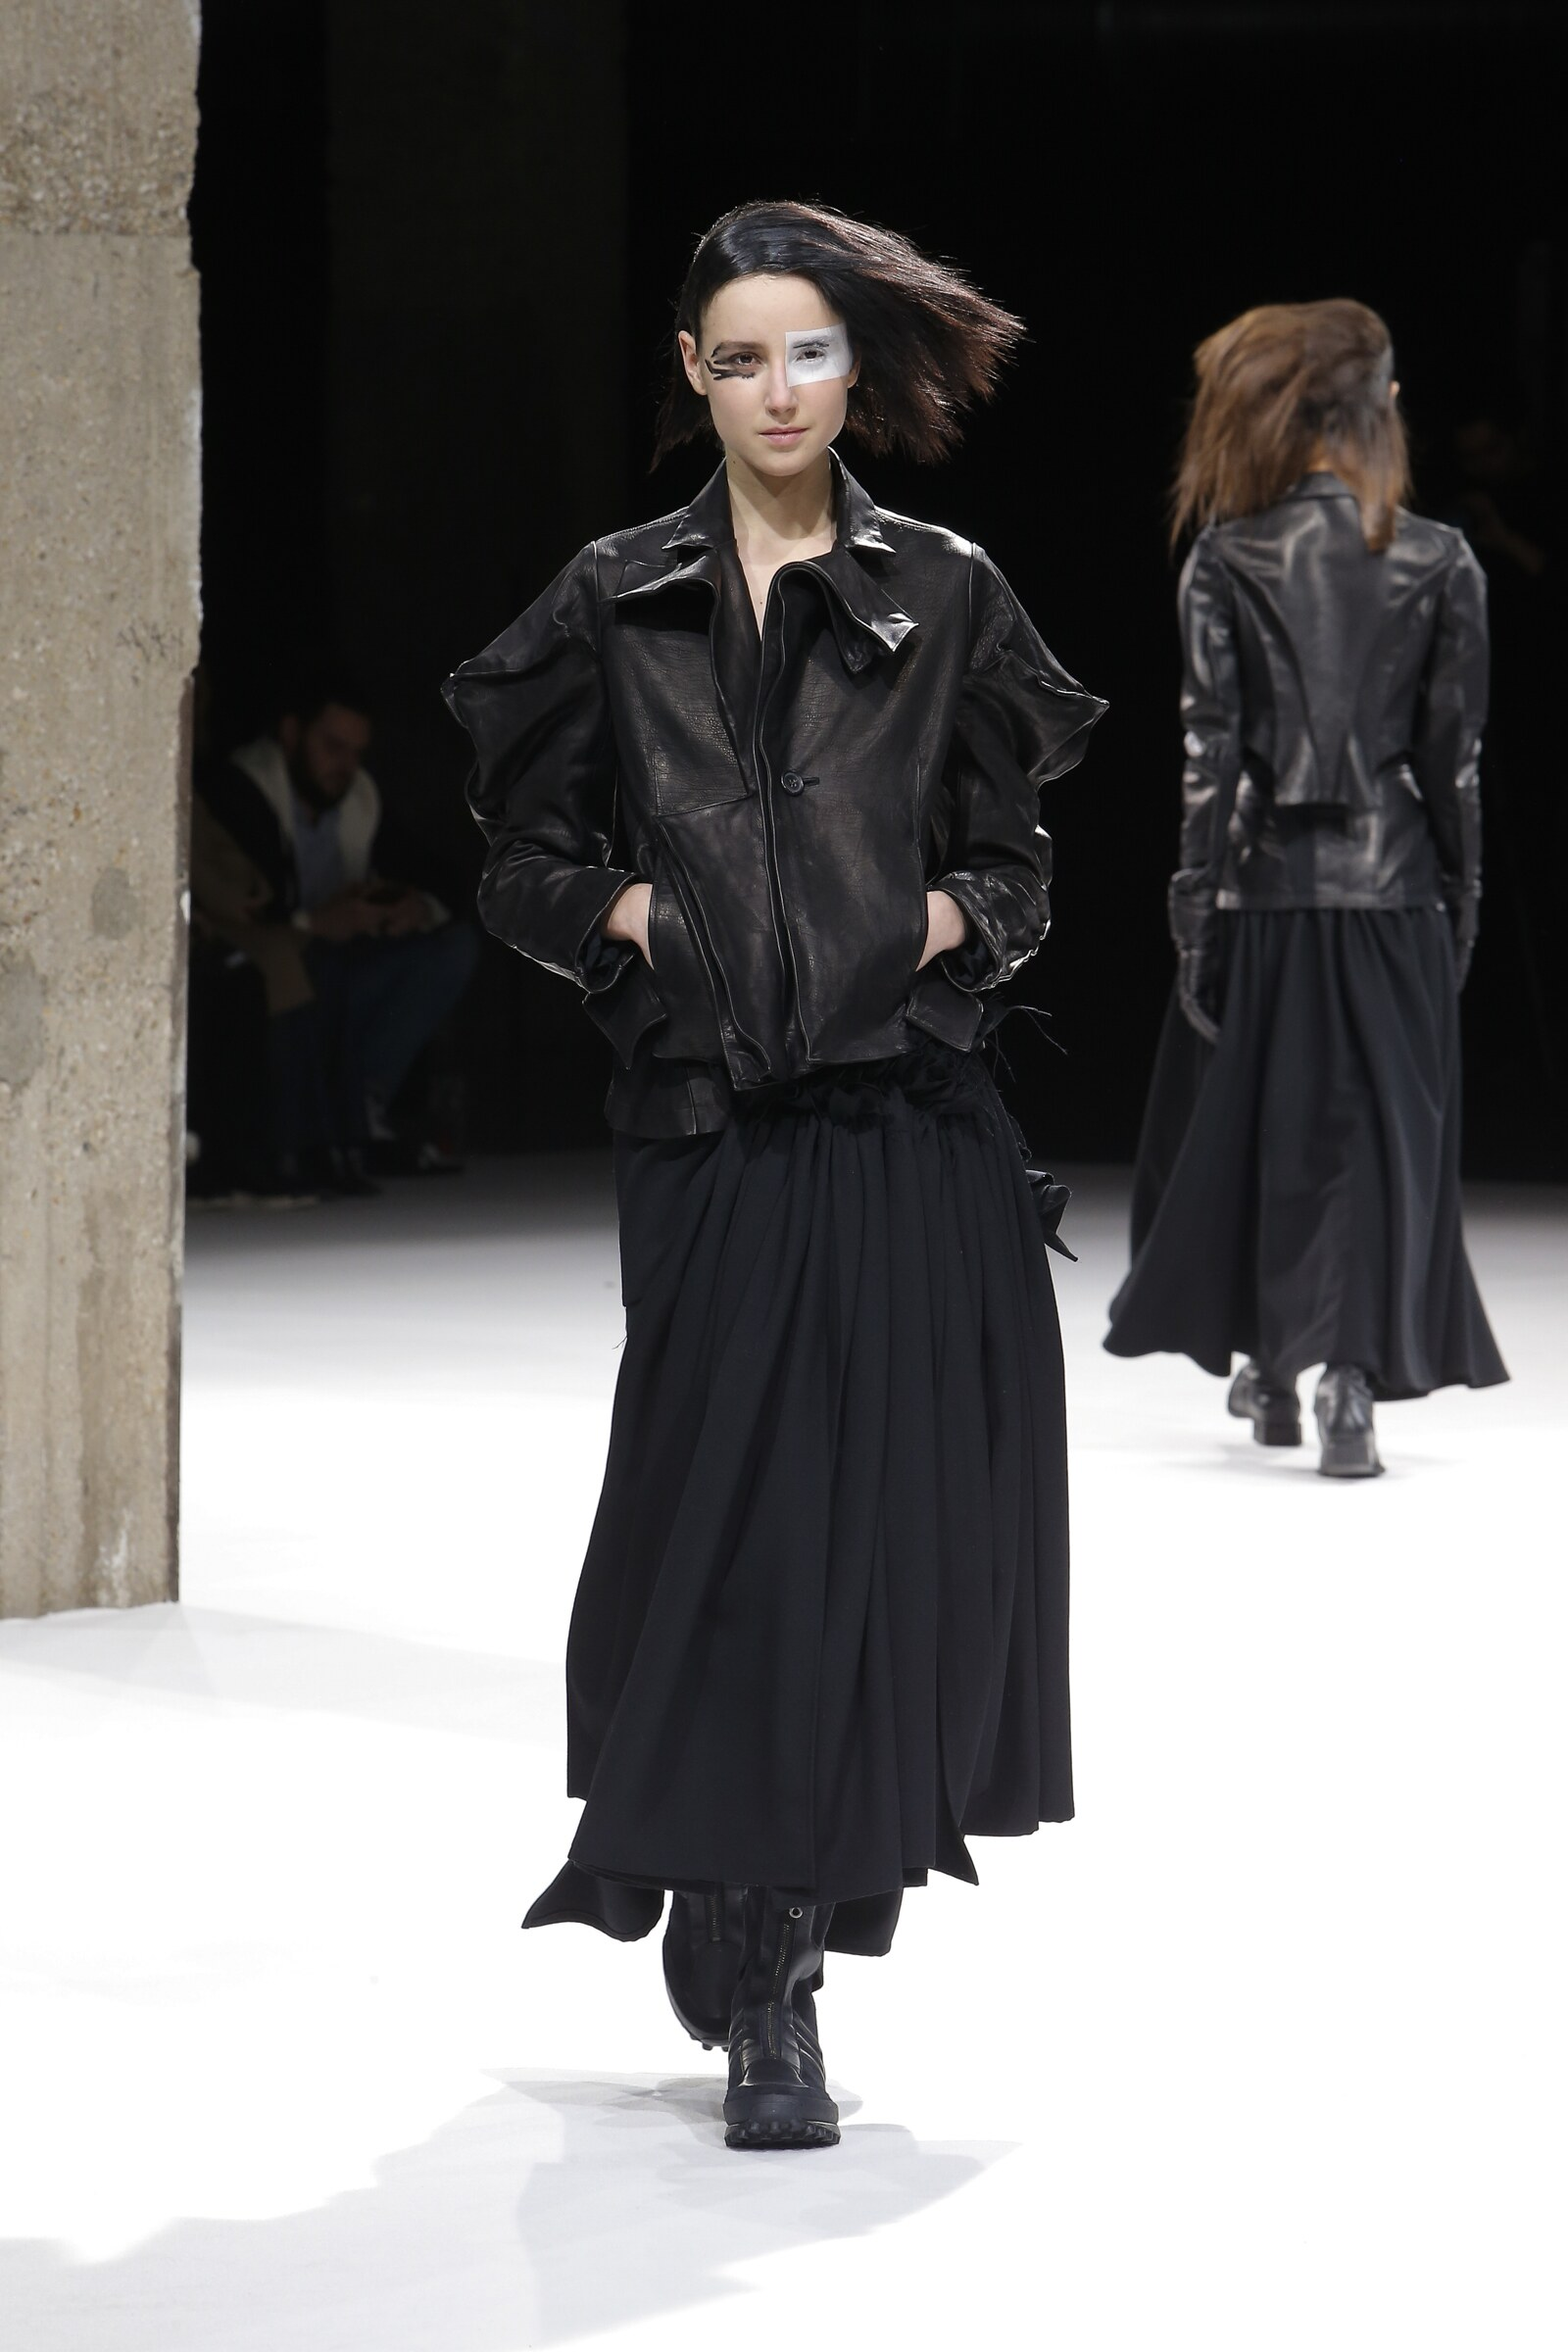 Fall Fashion Woman Trends 2018 Yohji Yamamoto